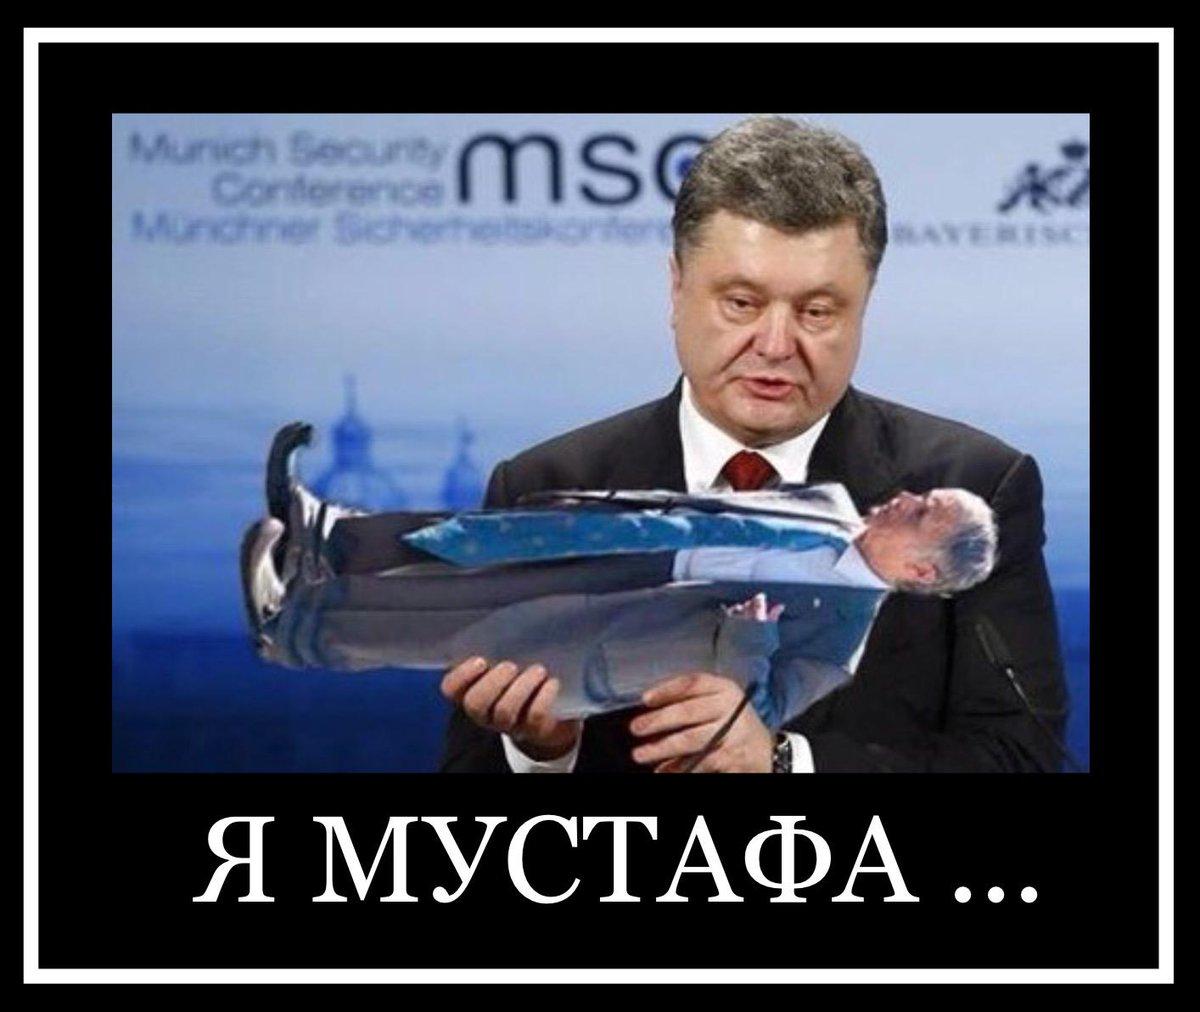 Джемілєв передав Ердогану особисте послання Порошенка, - Чубаров - Цензор.НЕТ 2517